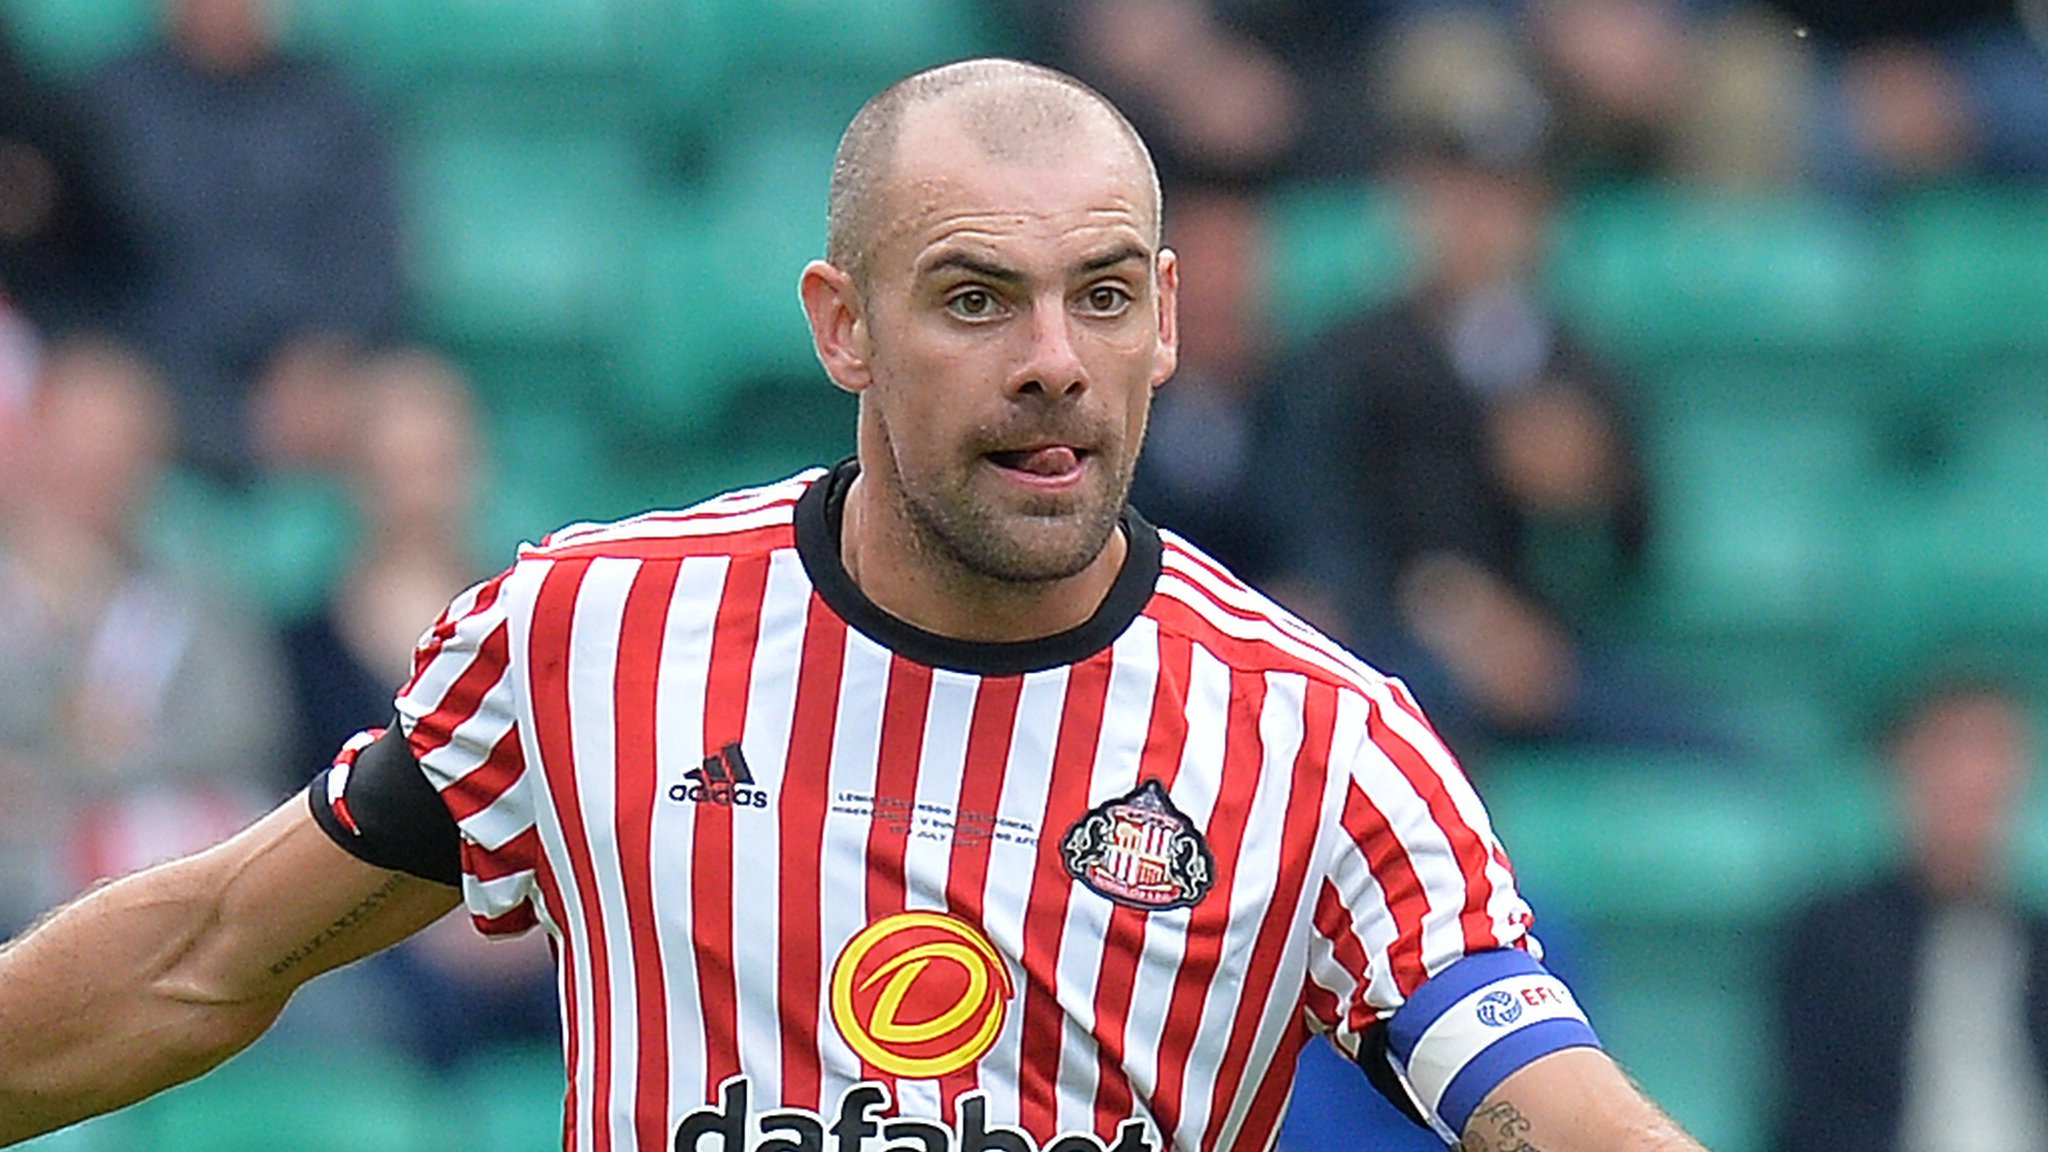 Ex-Sunderland midfielder Gibson sentenced for drink-driving